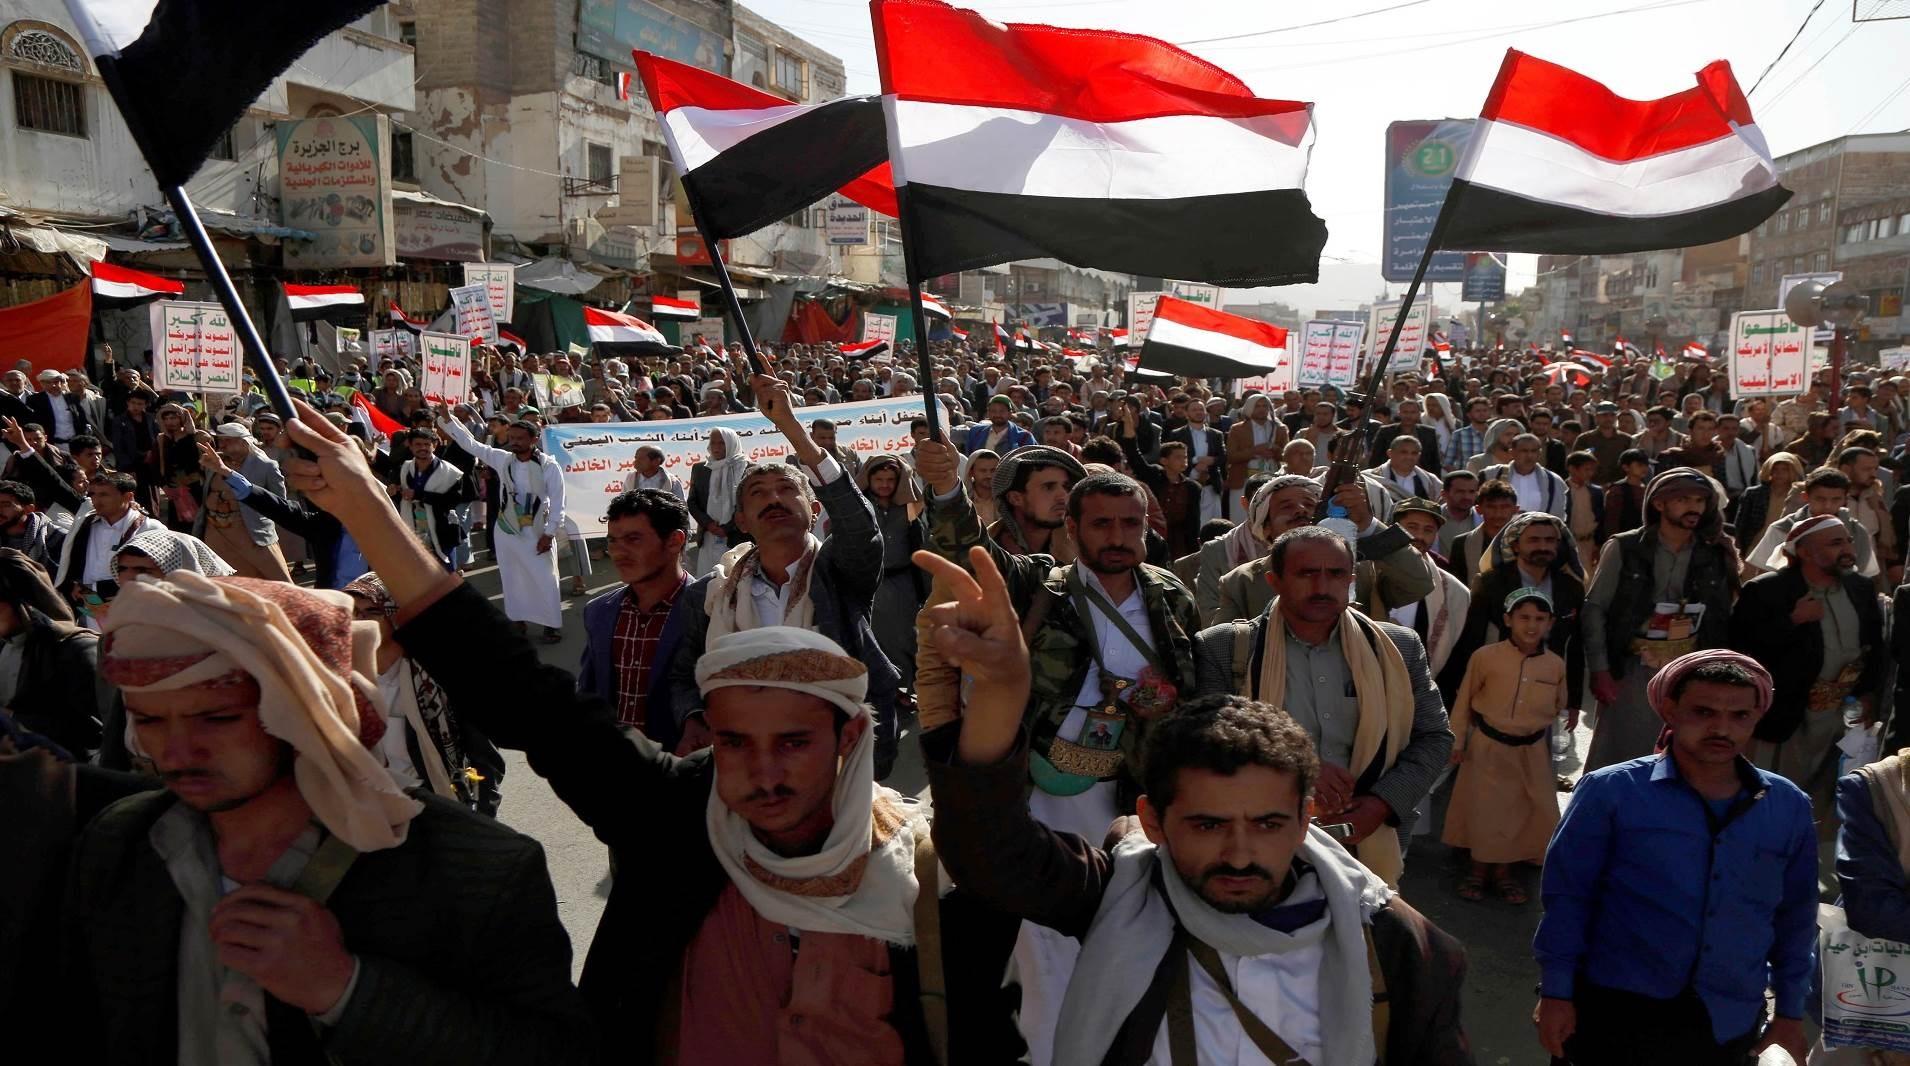 أهداف ثورة 21 سبتمبر/أيلول أكّدت أهمية الحفاظ على سيادة اليمن والدفاع عنه